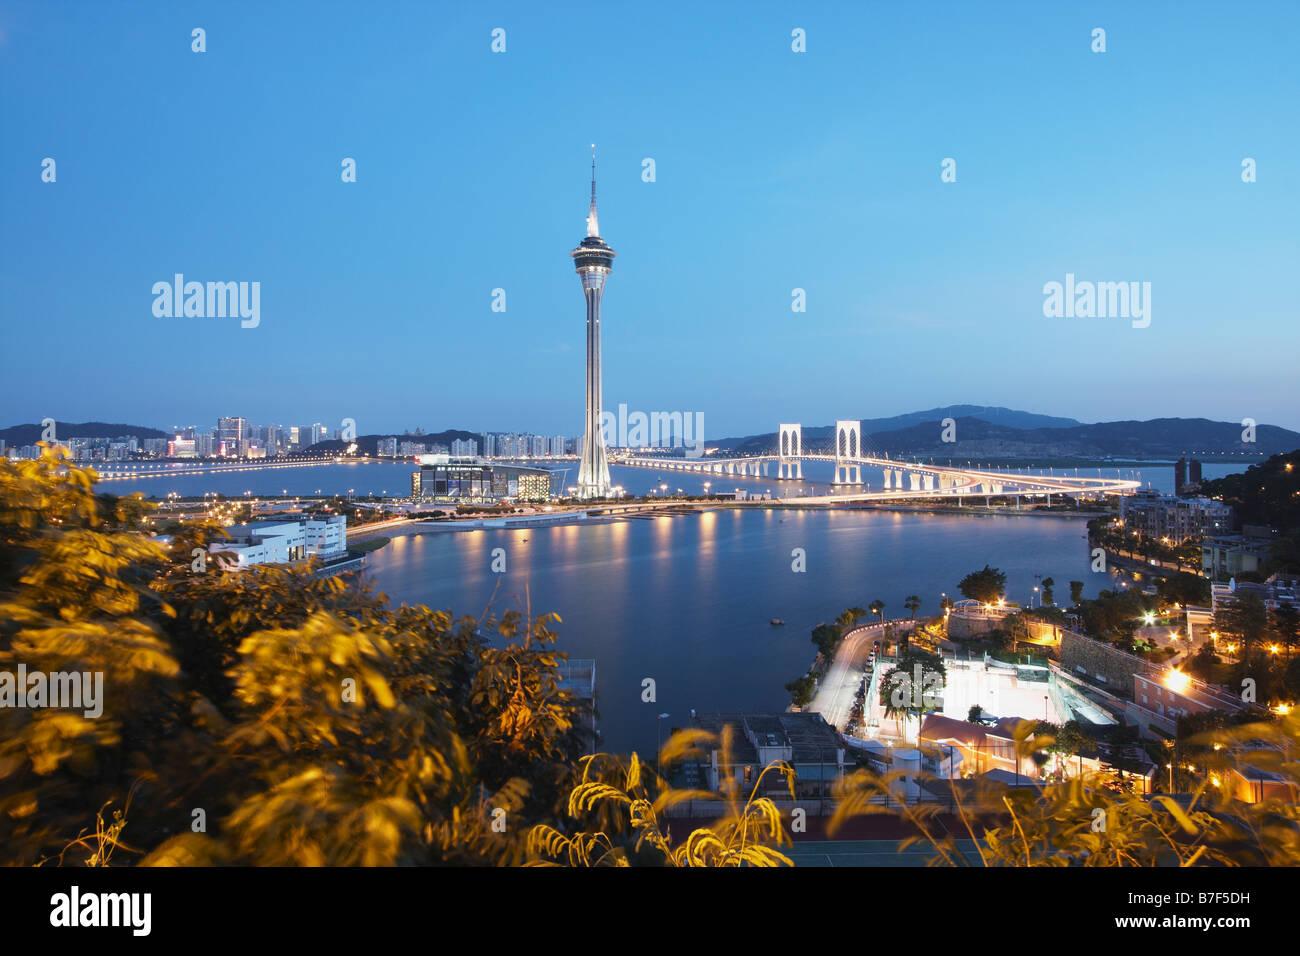 Al atardecer, la Torre de Macao Macao Imagen De Stock